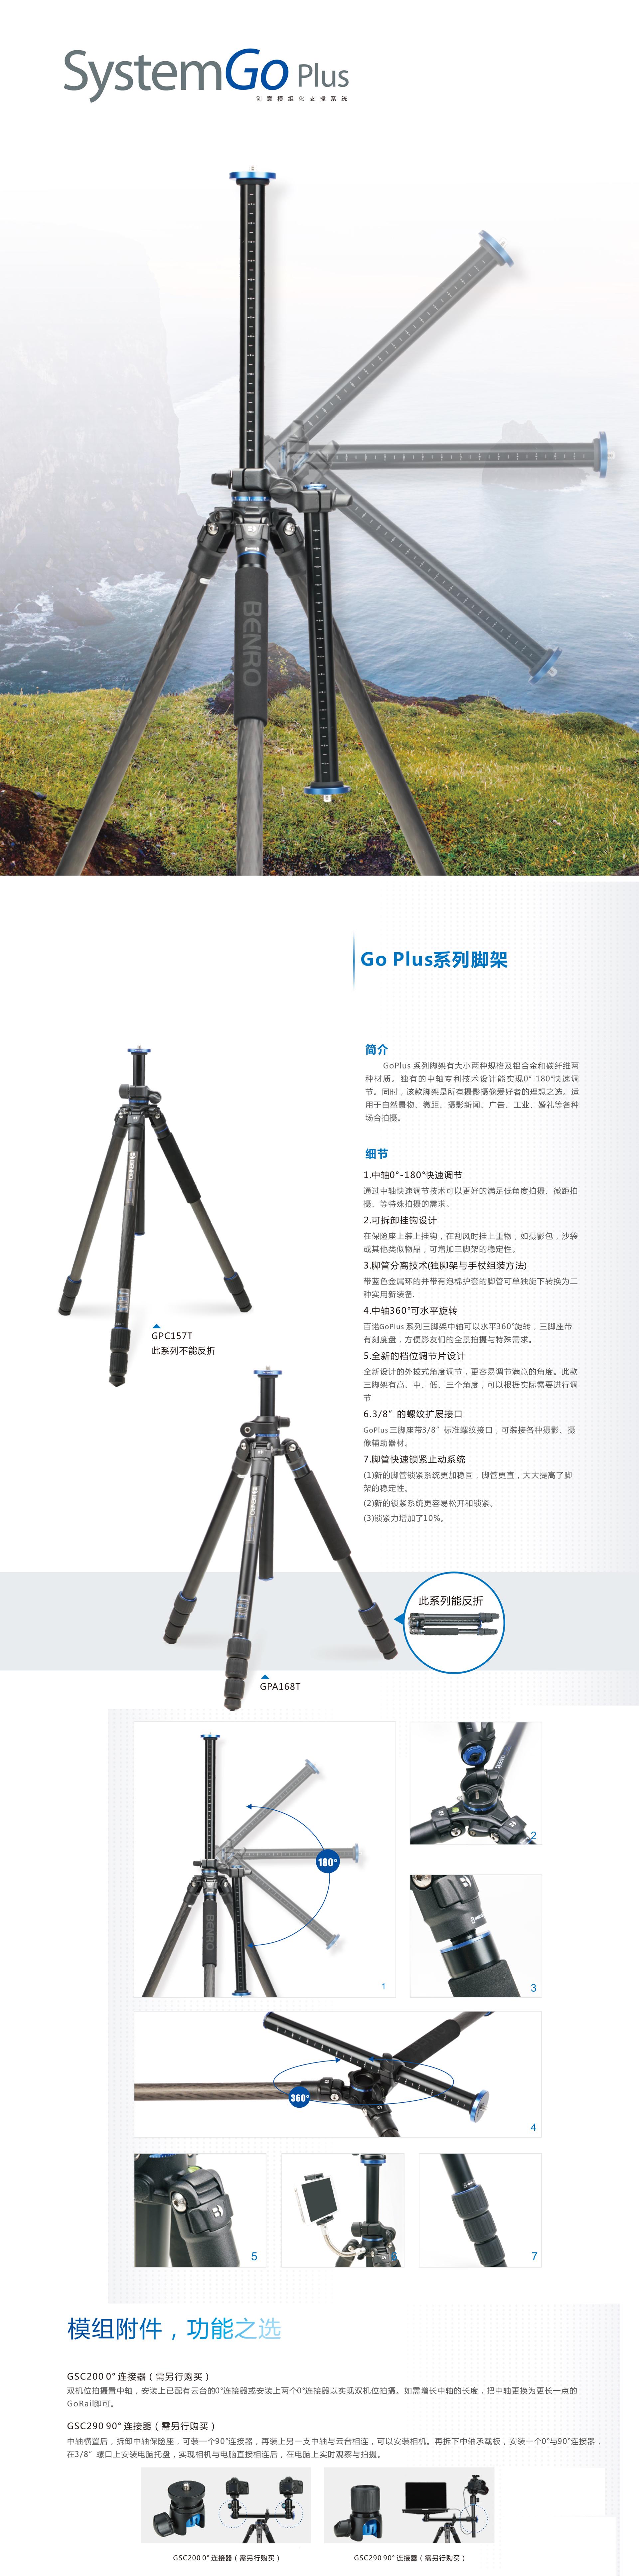 2vwin注册摄影三脚架.中文综合版54P.2016.jpg